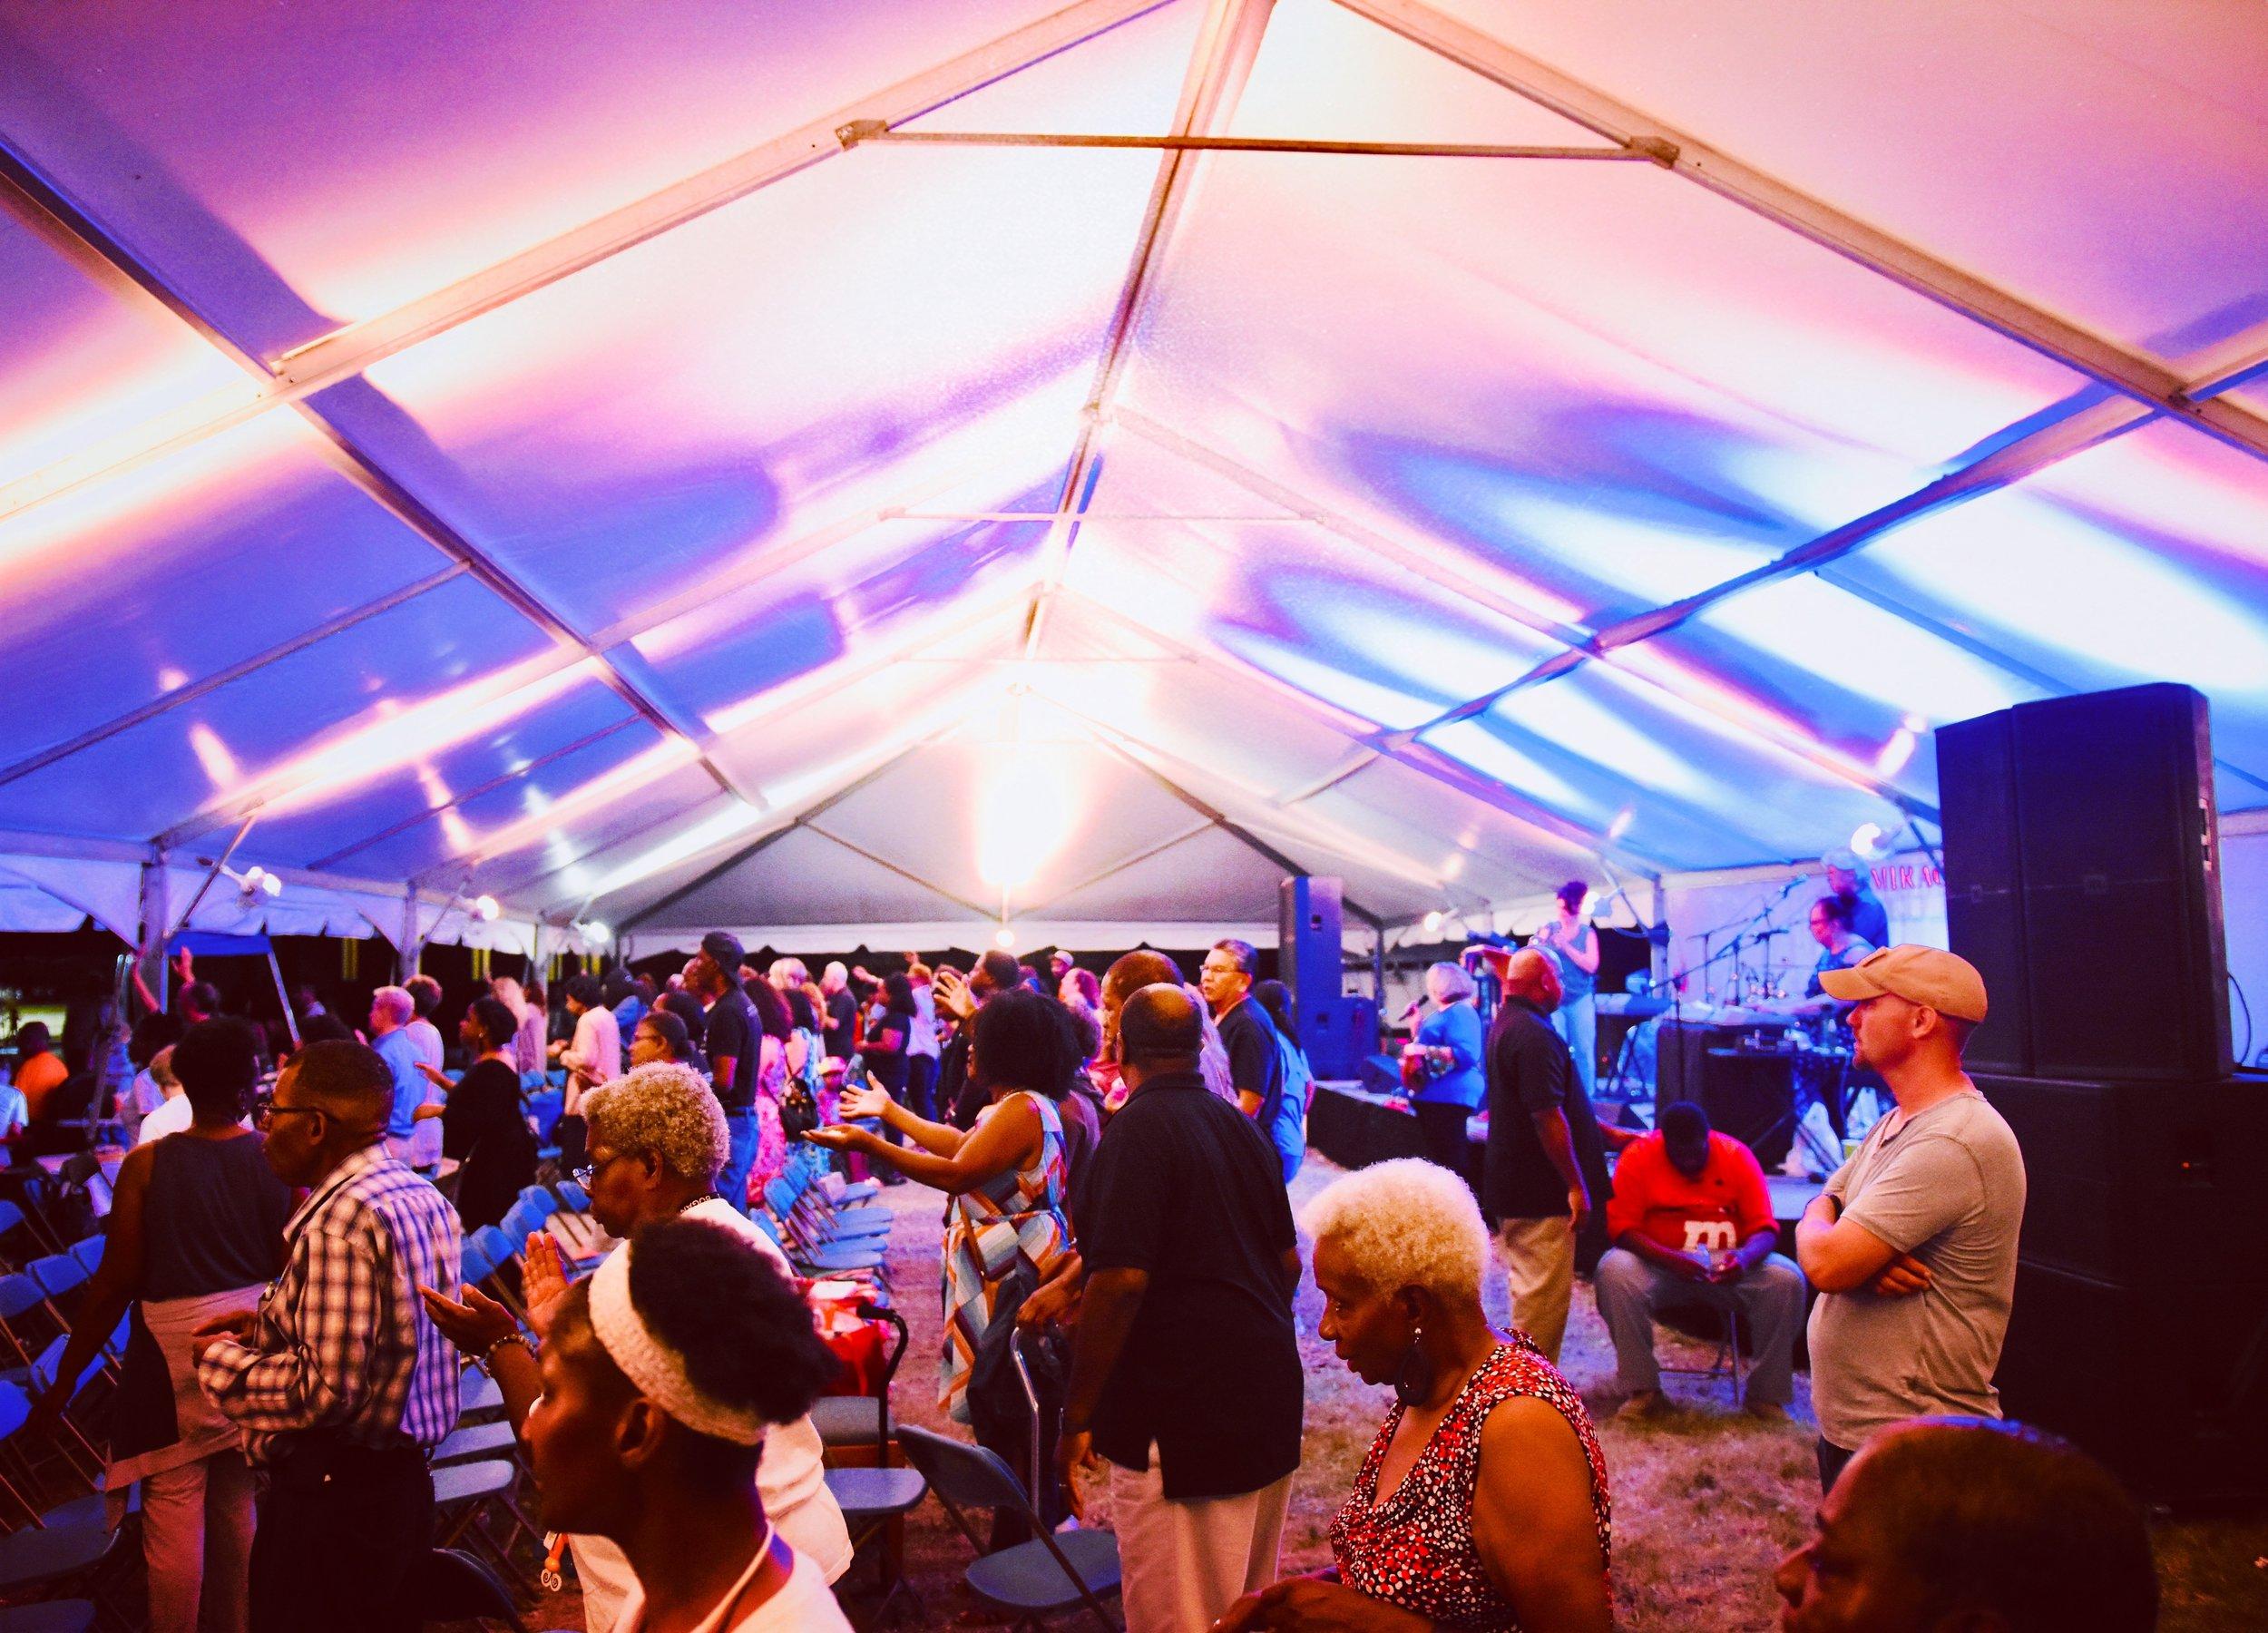 Big Tent Crusade Chicago